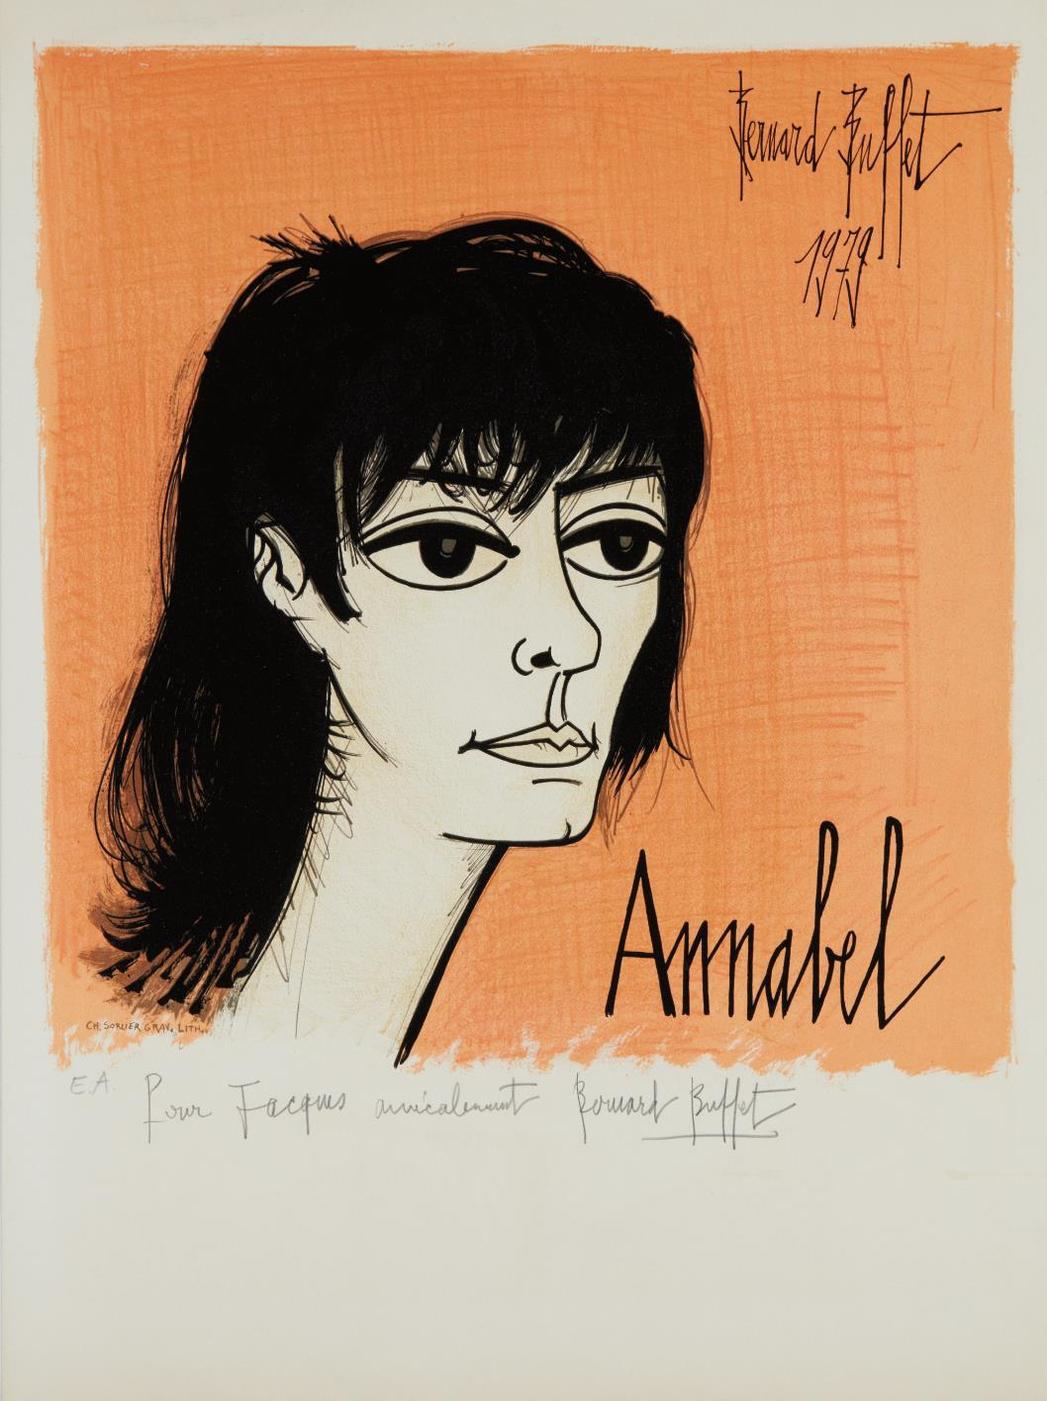 Bernard Buffet-Annabel, By Charles Sorlier-1979